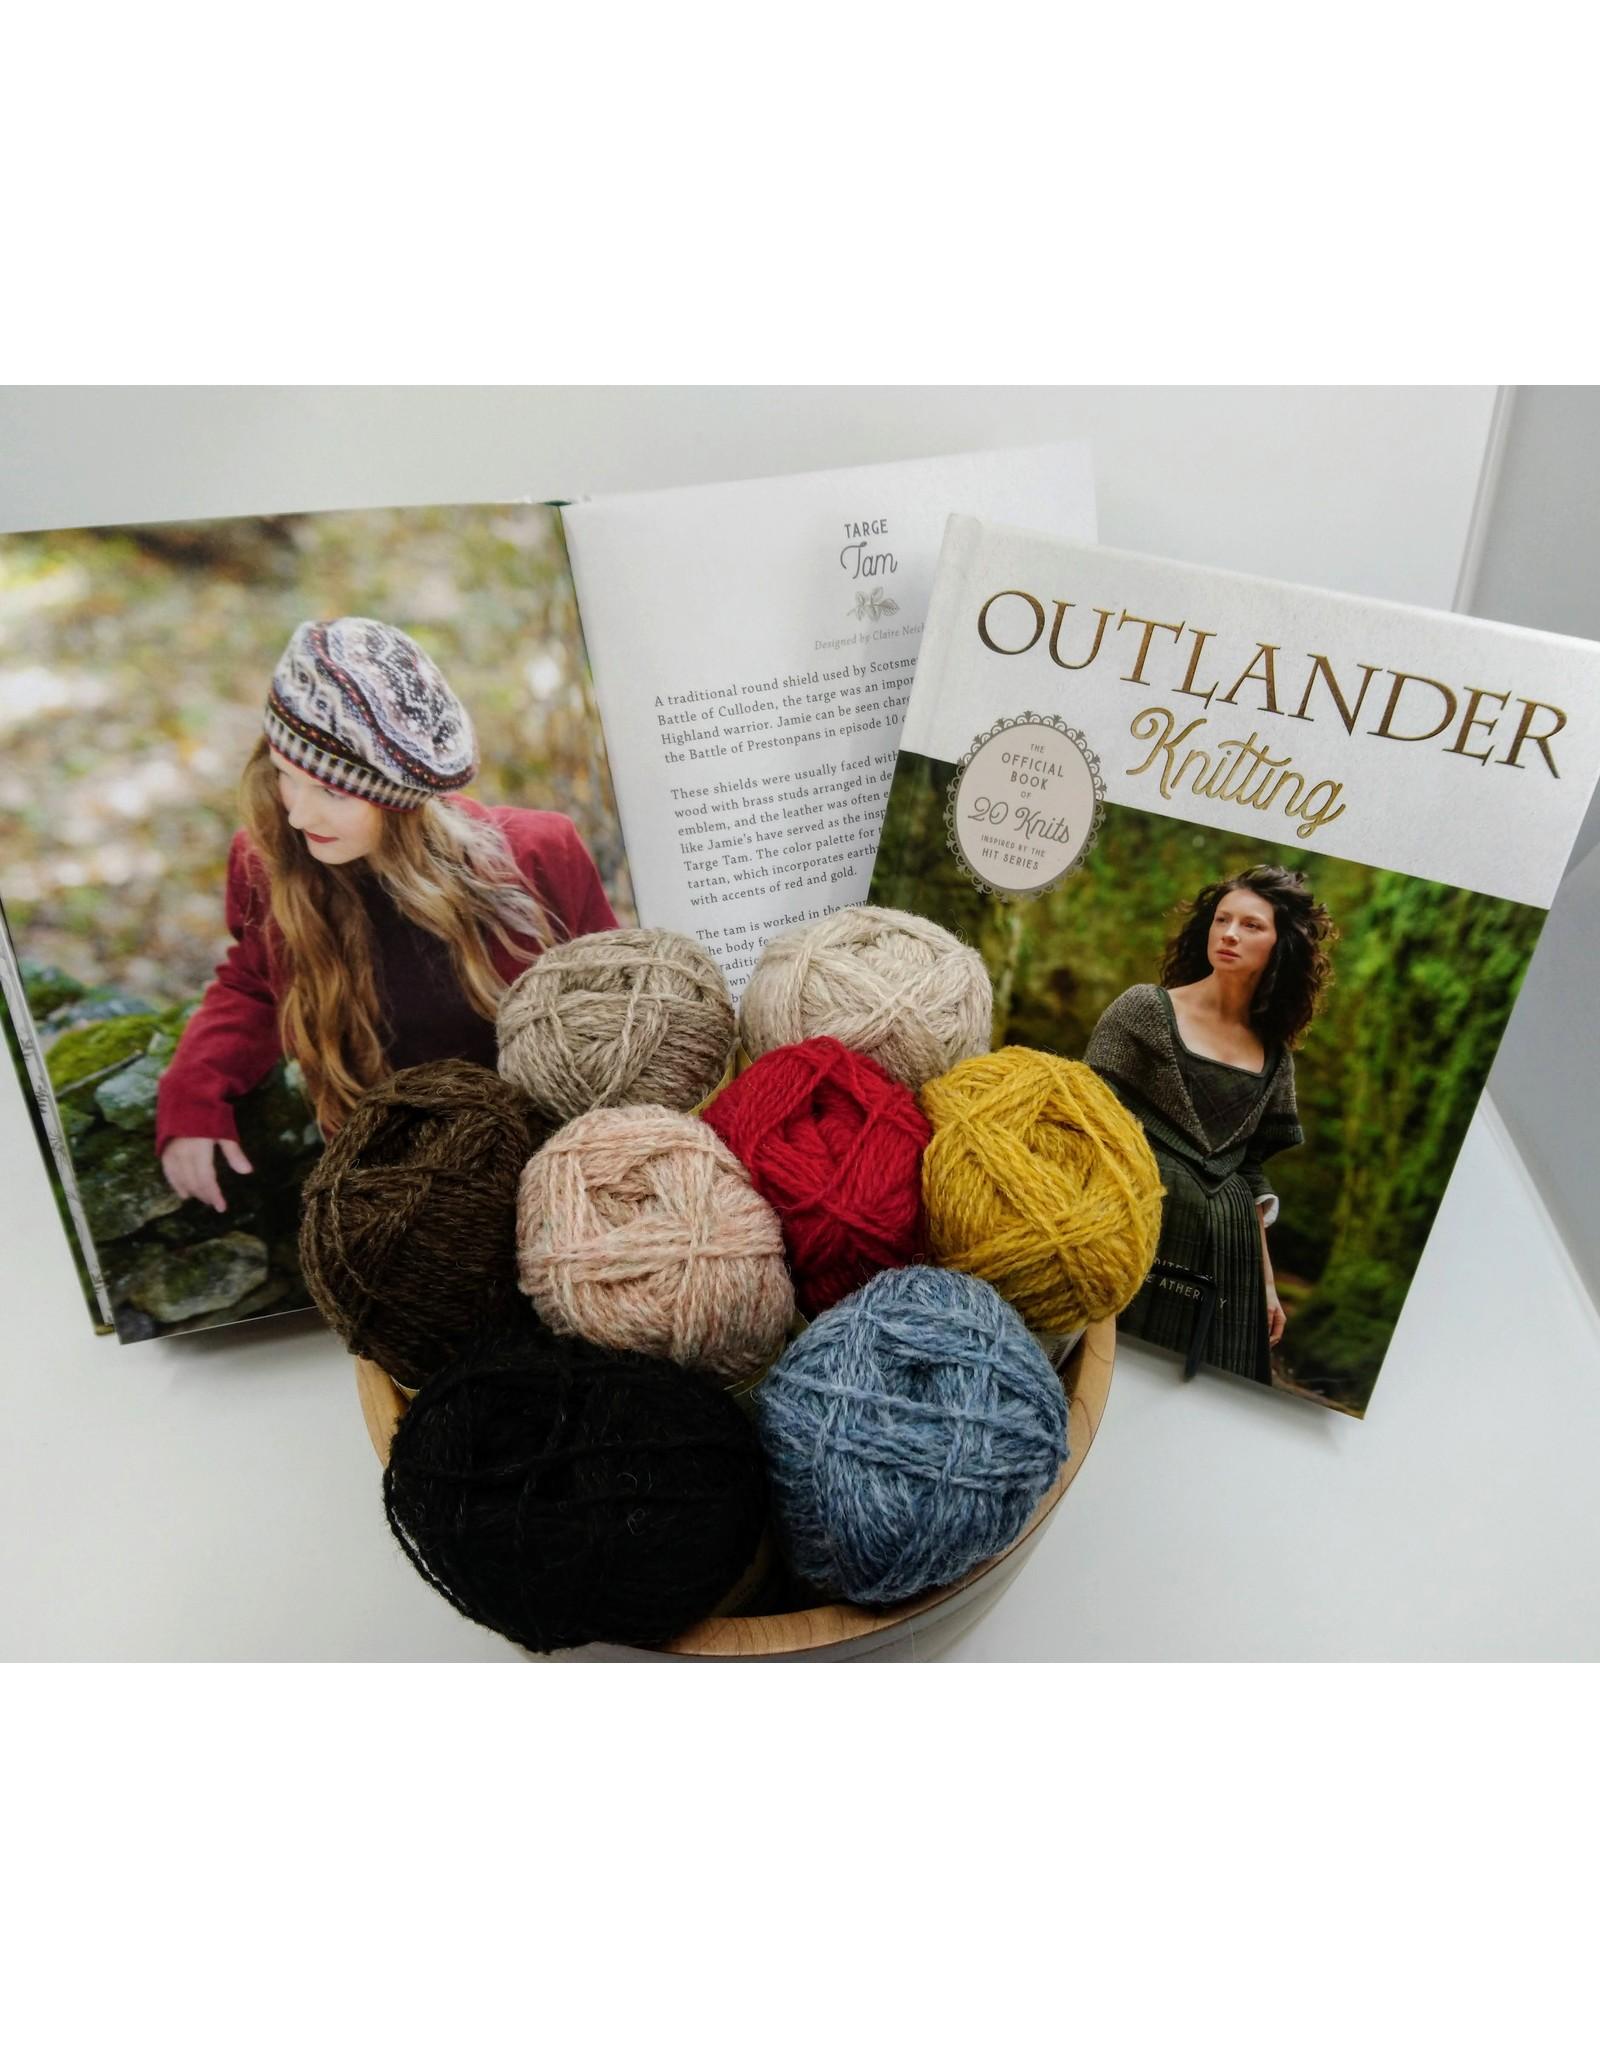 Outlander Outlander Knitting Book & Targe Tam Kit BUNDLE